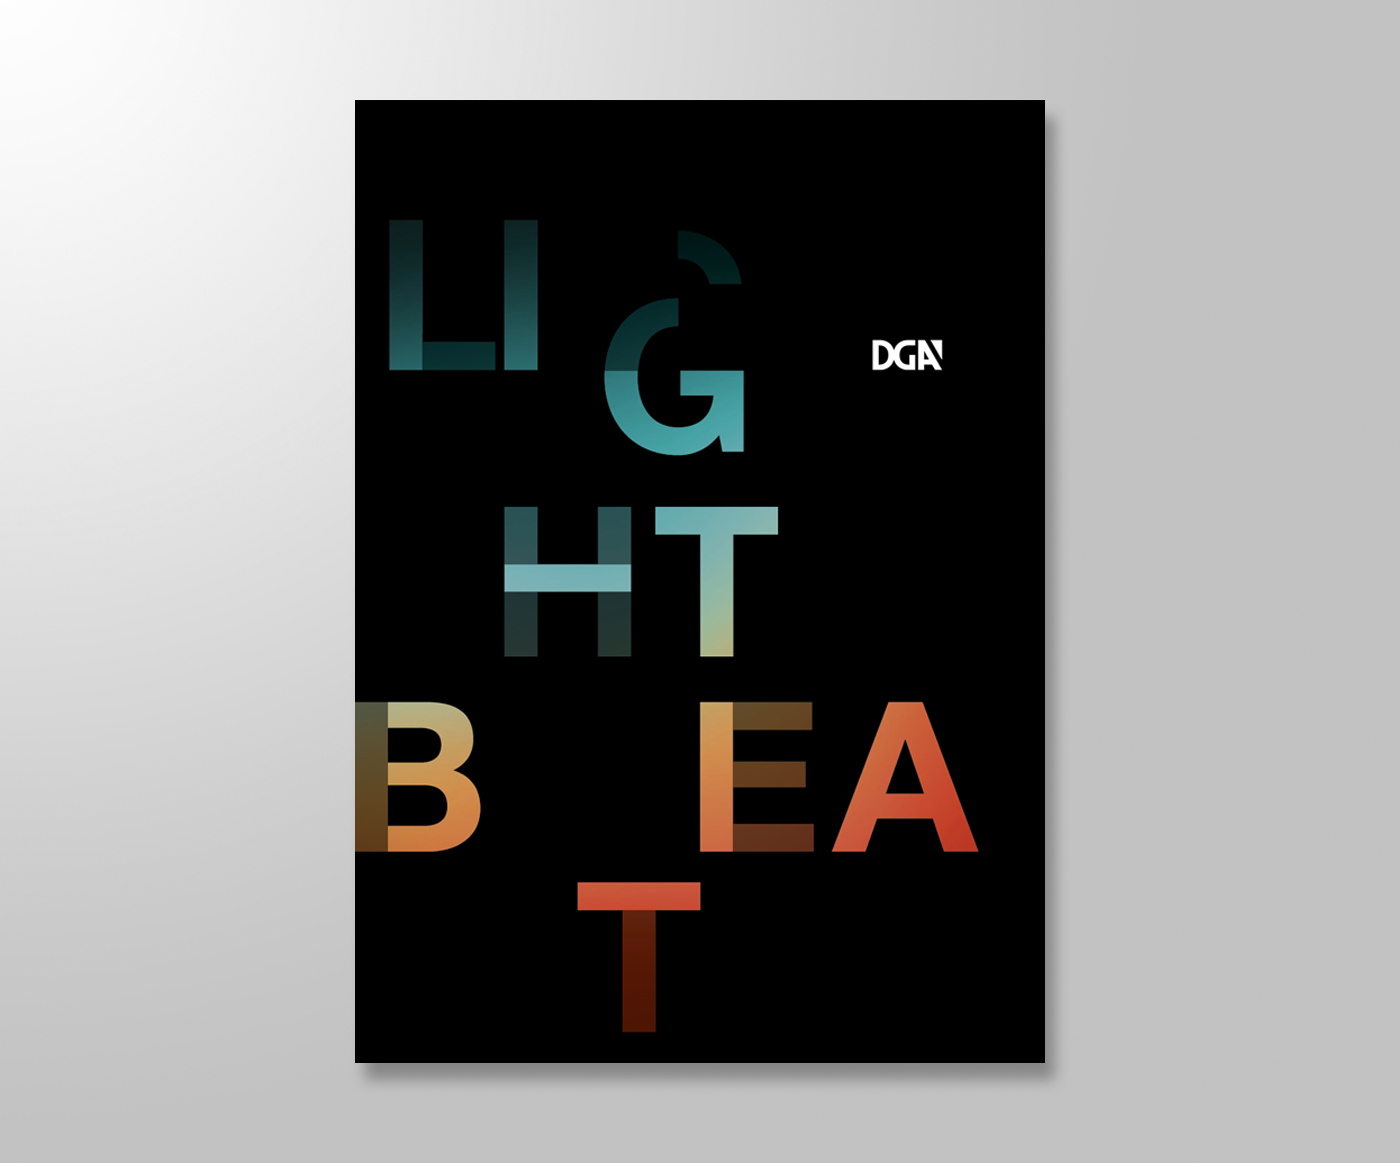 DGA - Light Beat